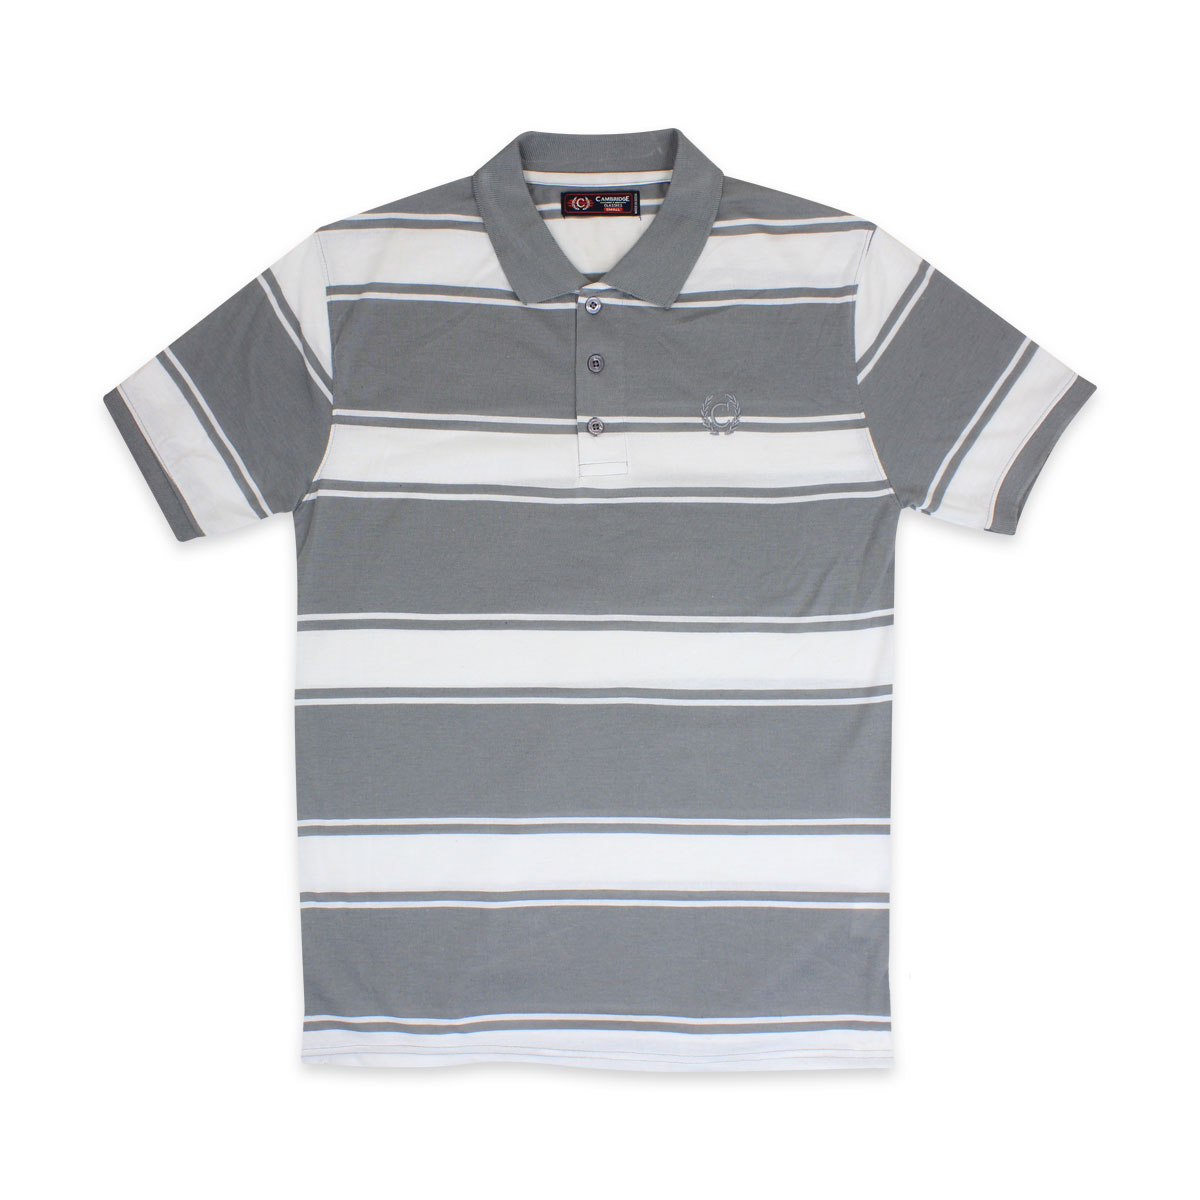 Camisas-Polo-Para-Hombre-A-Rayas-Pique-Con-Cuello-camiseta-Camiseta-Manga-Corta-De-Verano-S-M-L-XL miniatura 60